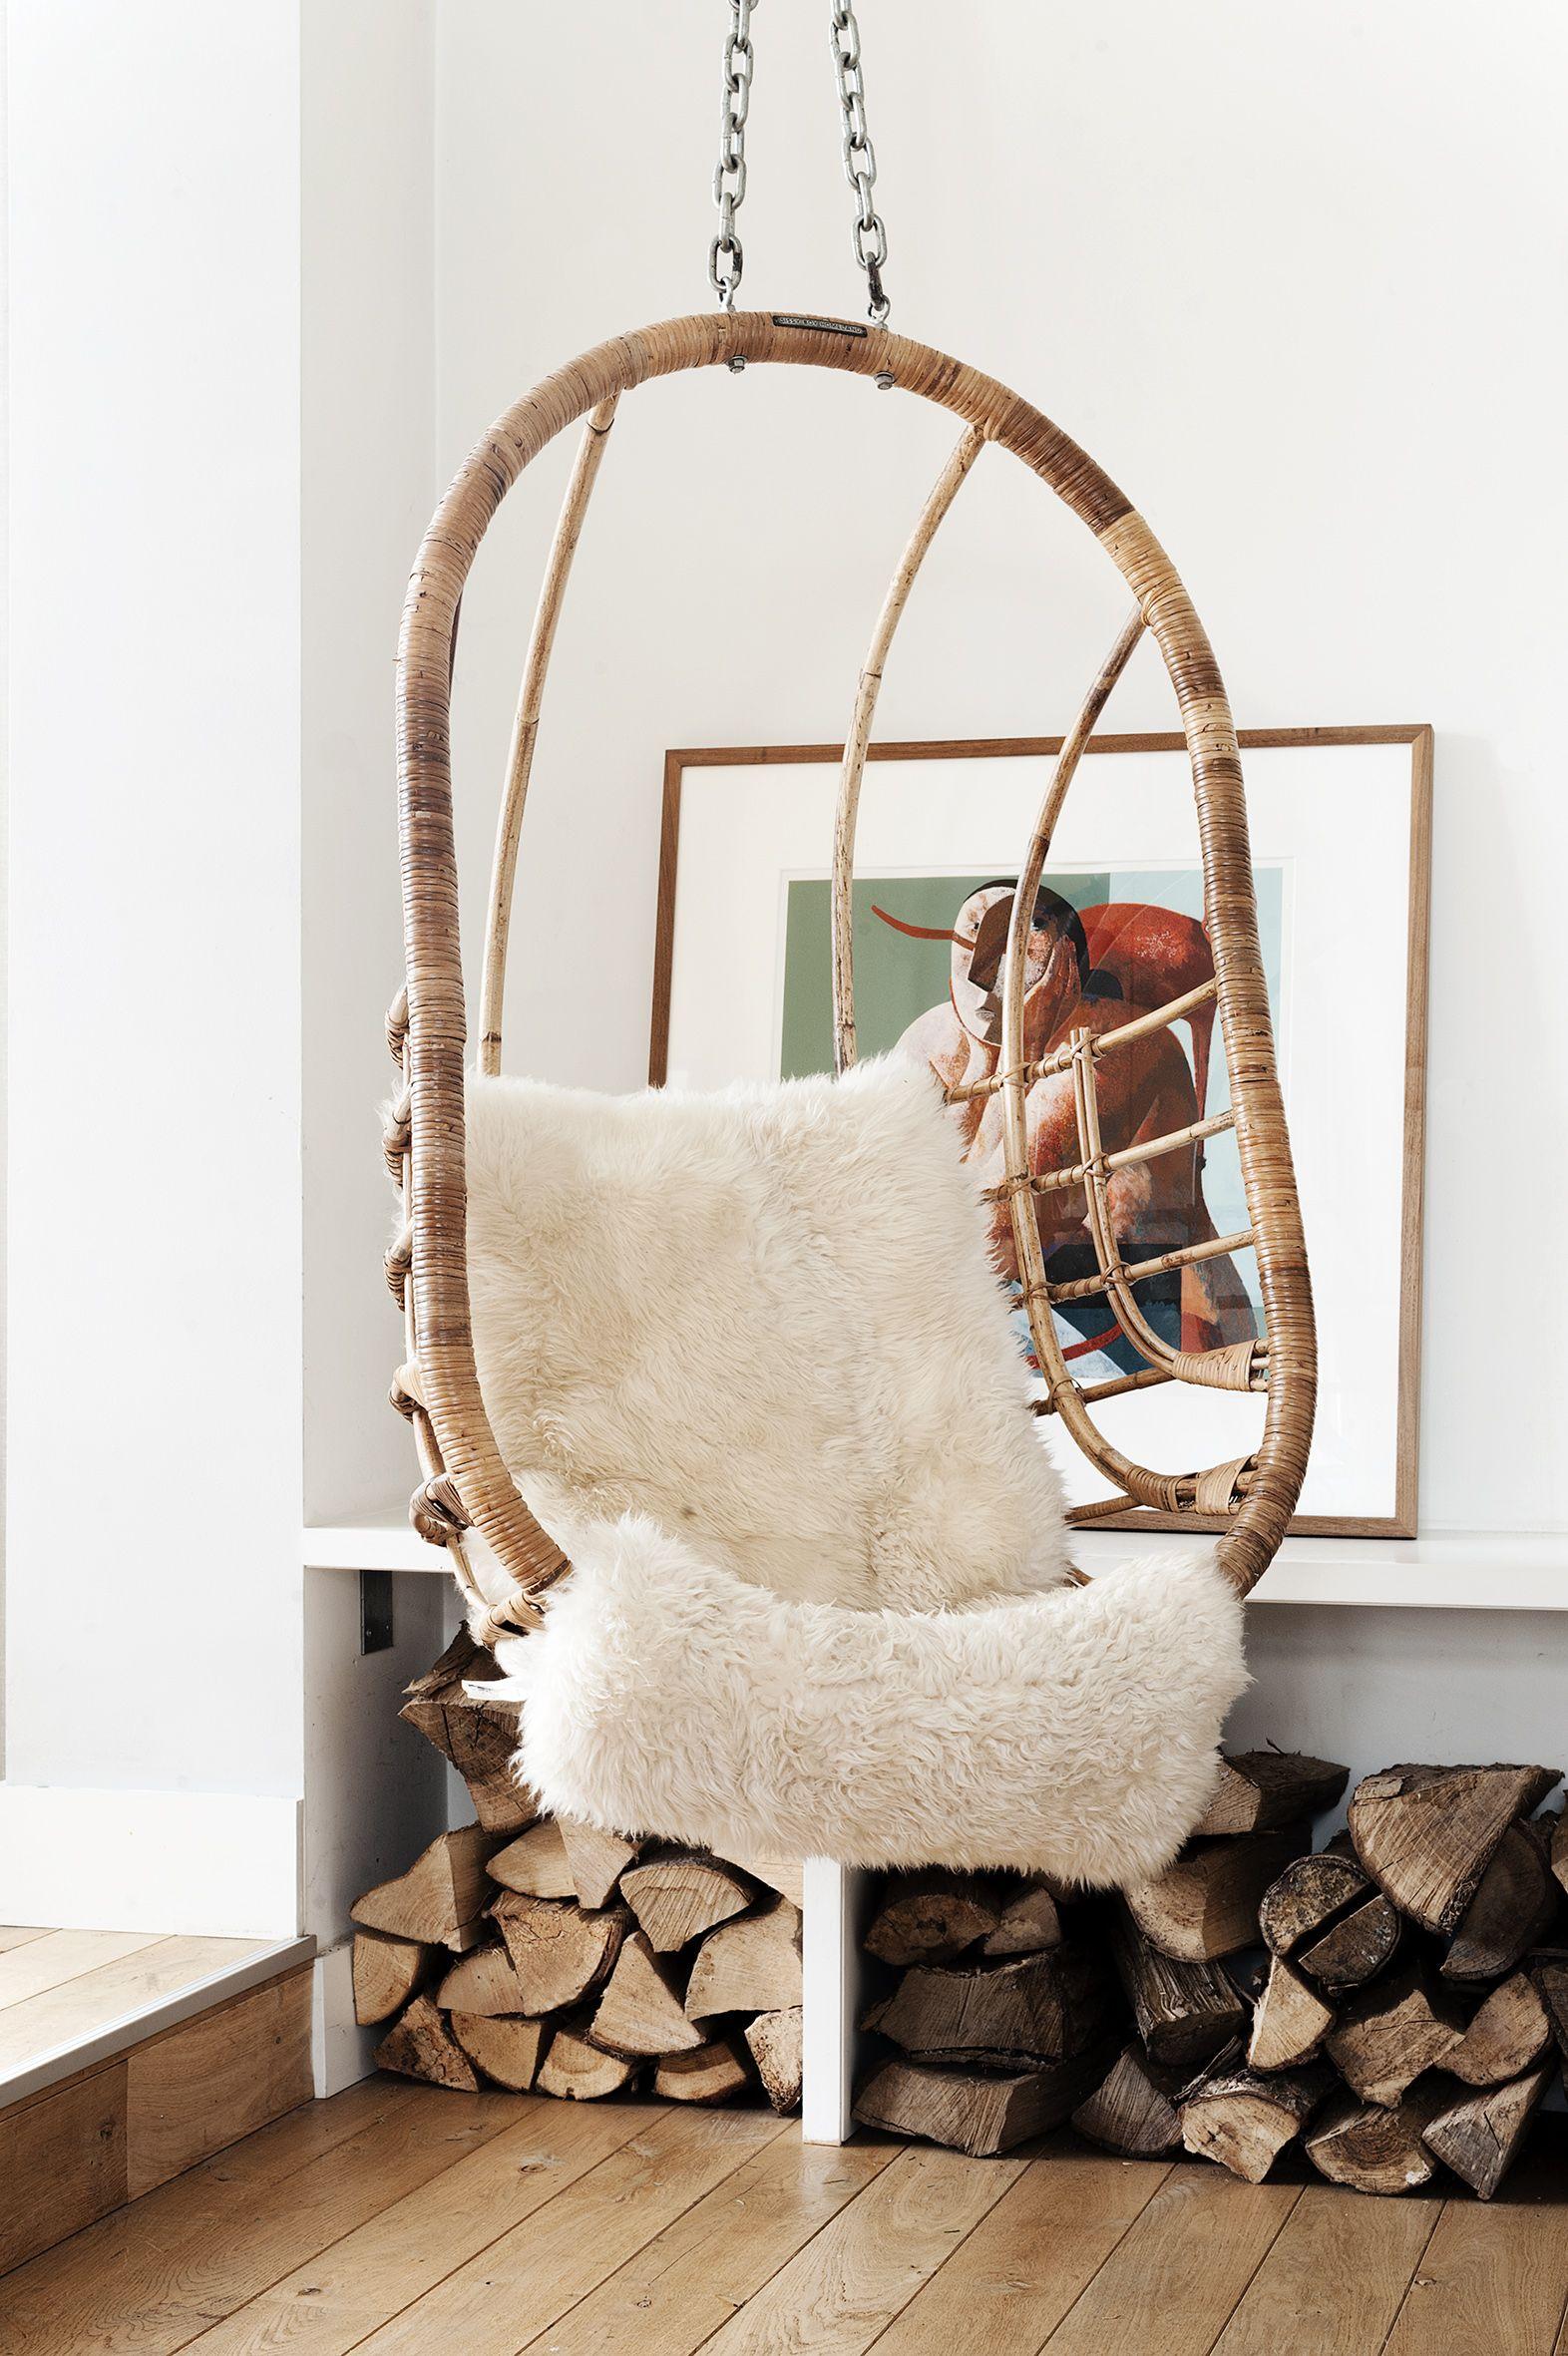 Hangstoel In Huis.10x Rotan In Huis En Tuin Huisinrichting Hangstoel